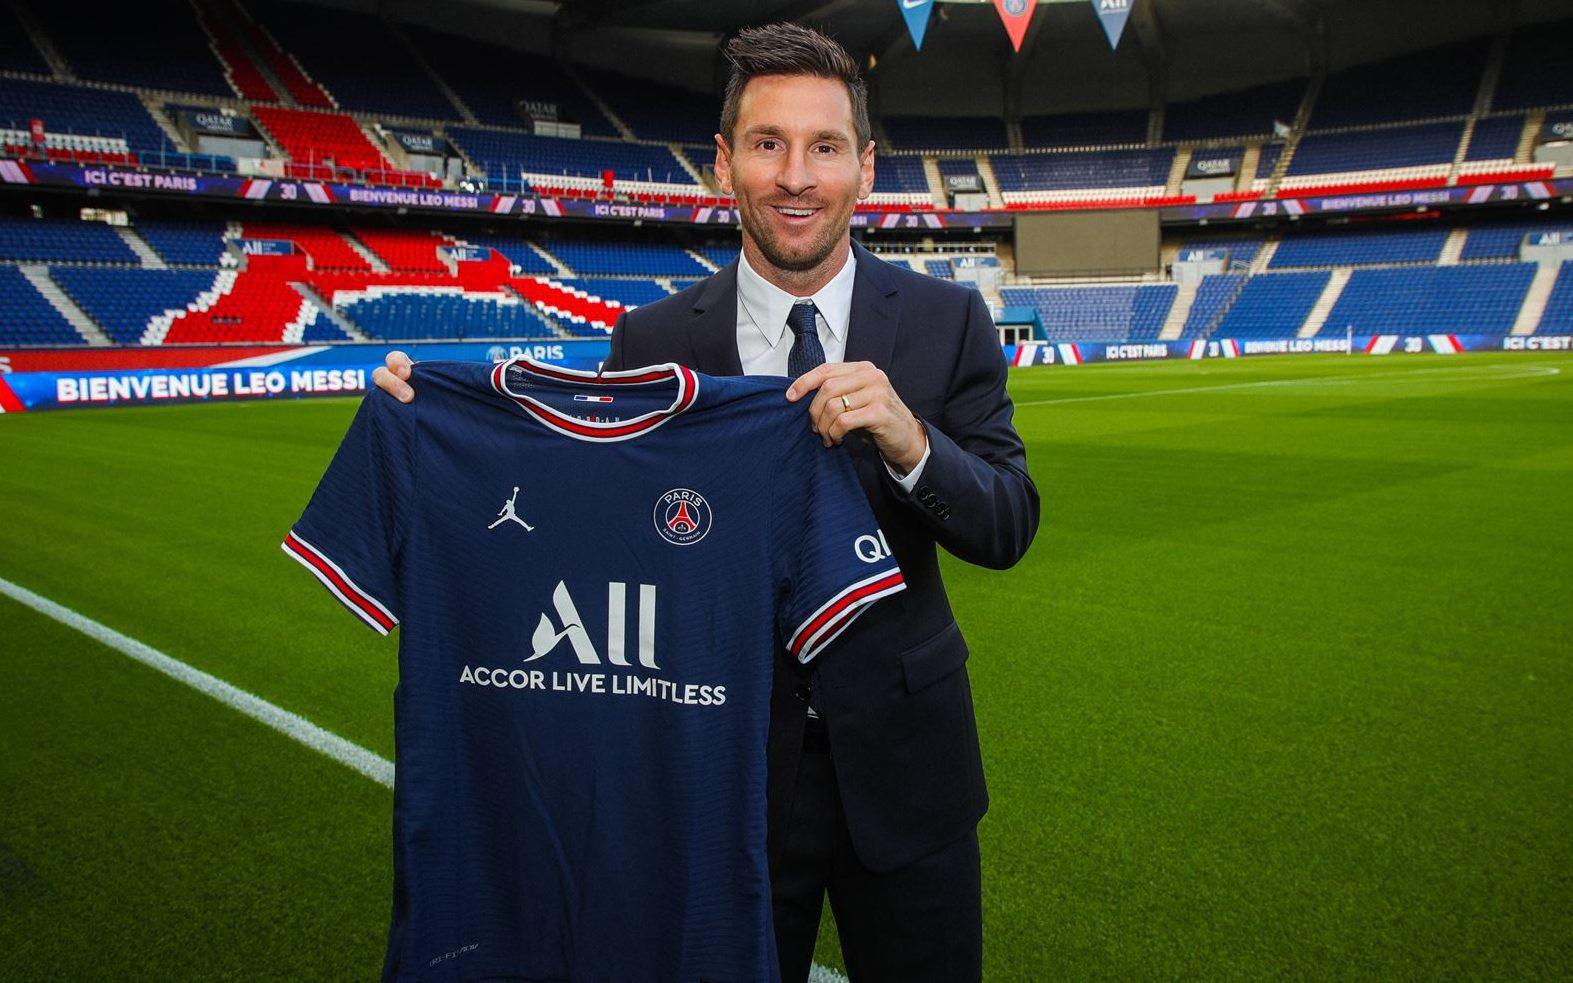 Paris Saint-Germain berhasil mendatangkan Lionel Messi dengan status bebas transfer setelah Barcelona gagal memperpanjang korntraknya